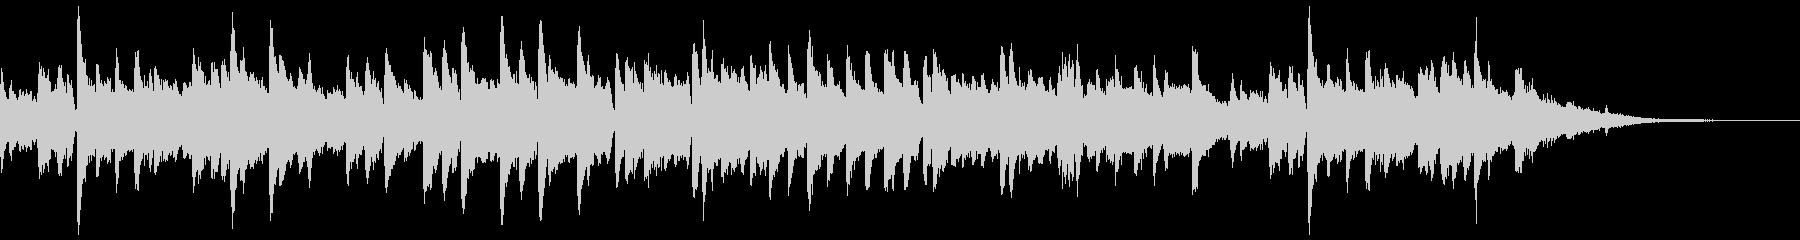 バラード ピアノソロ 感動的の未再生の波形